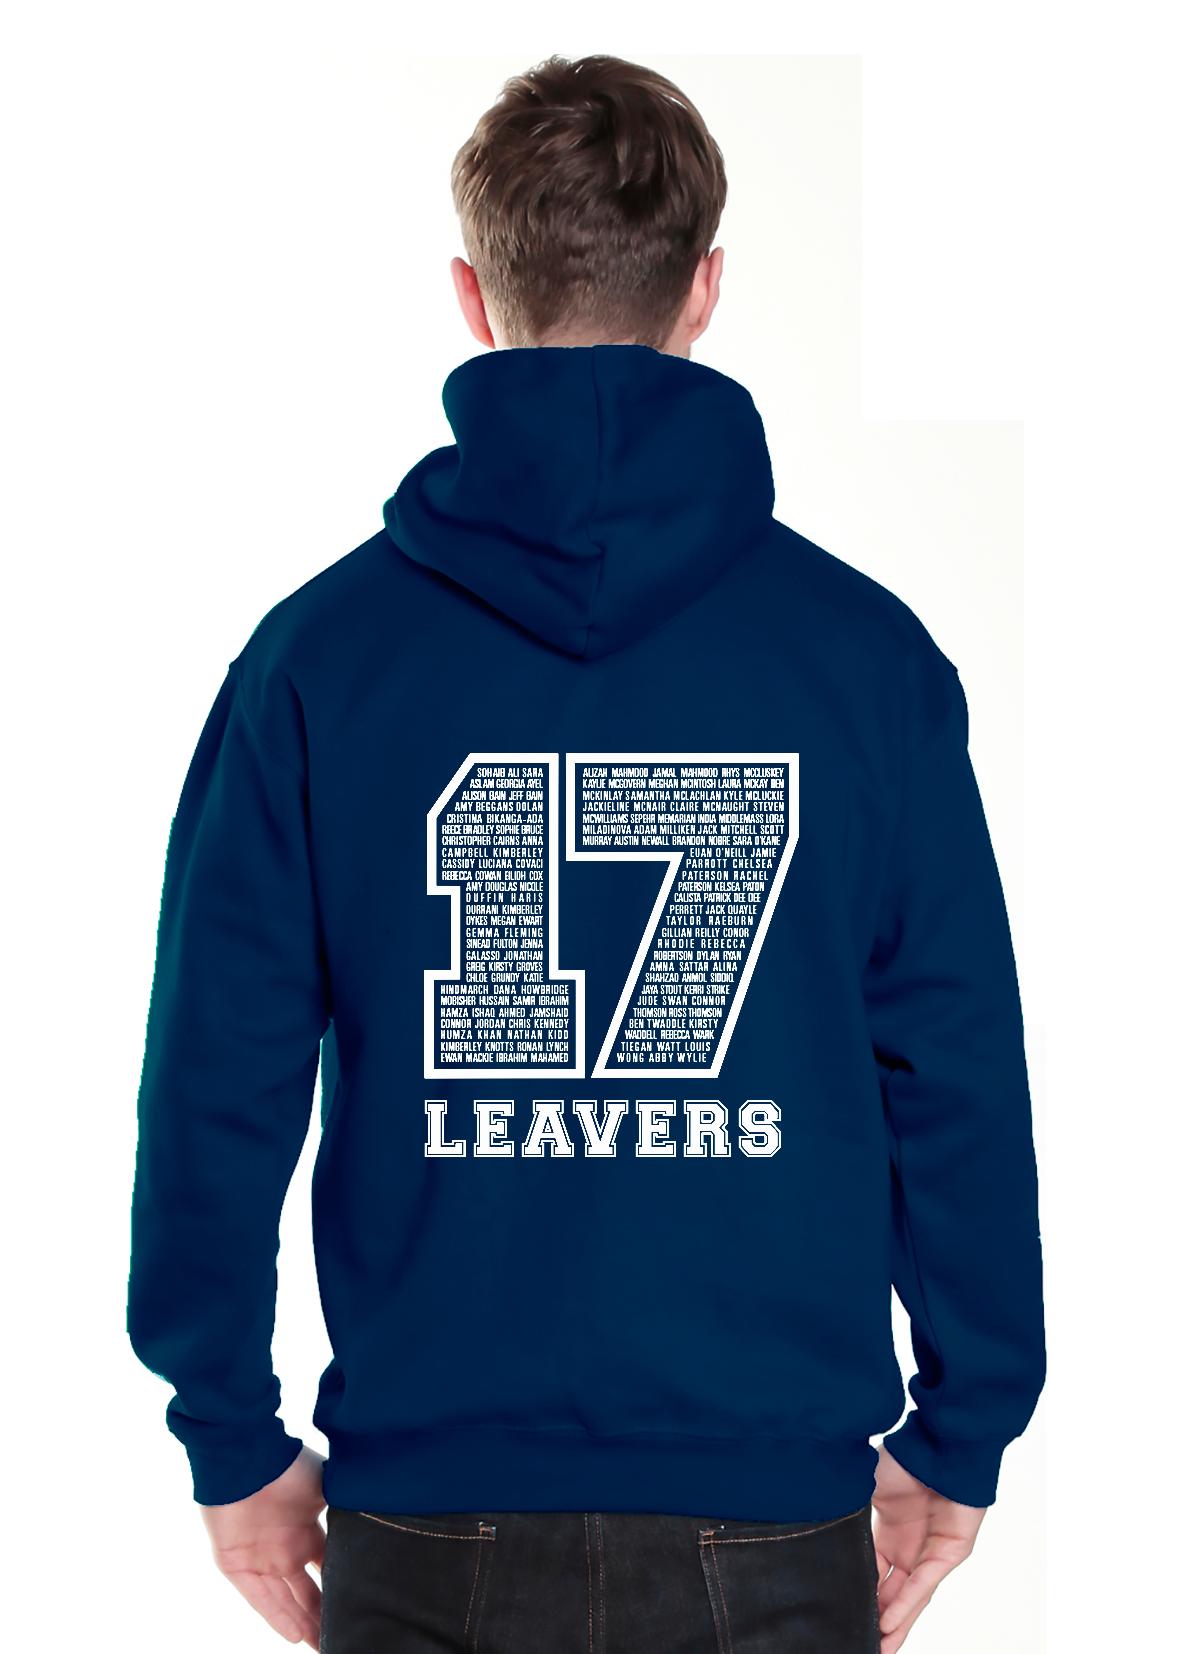 leavers hoodies custom school leavers hoodies hoodie tee - Hoodie Design Ideas